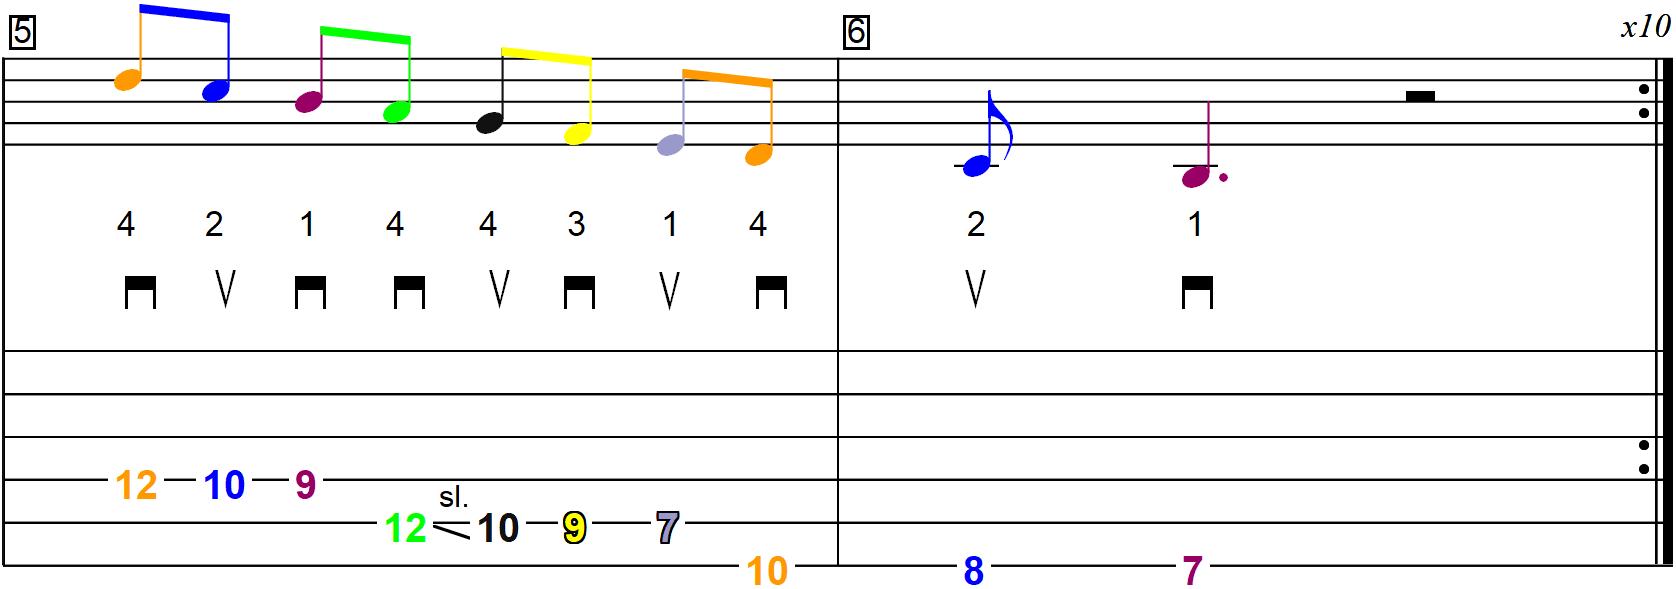 La gamme majeure de Sol en démanché (jeu latéral) - Schéma n°3 sur la partition et la tablature (page 3)